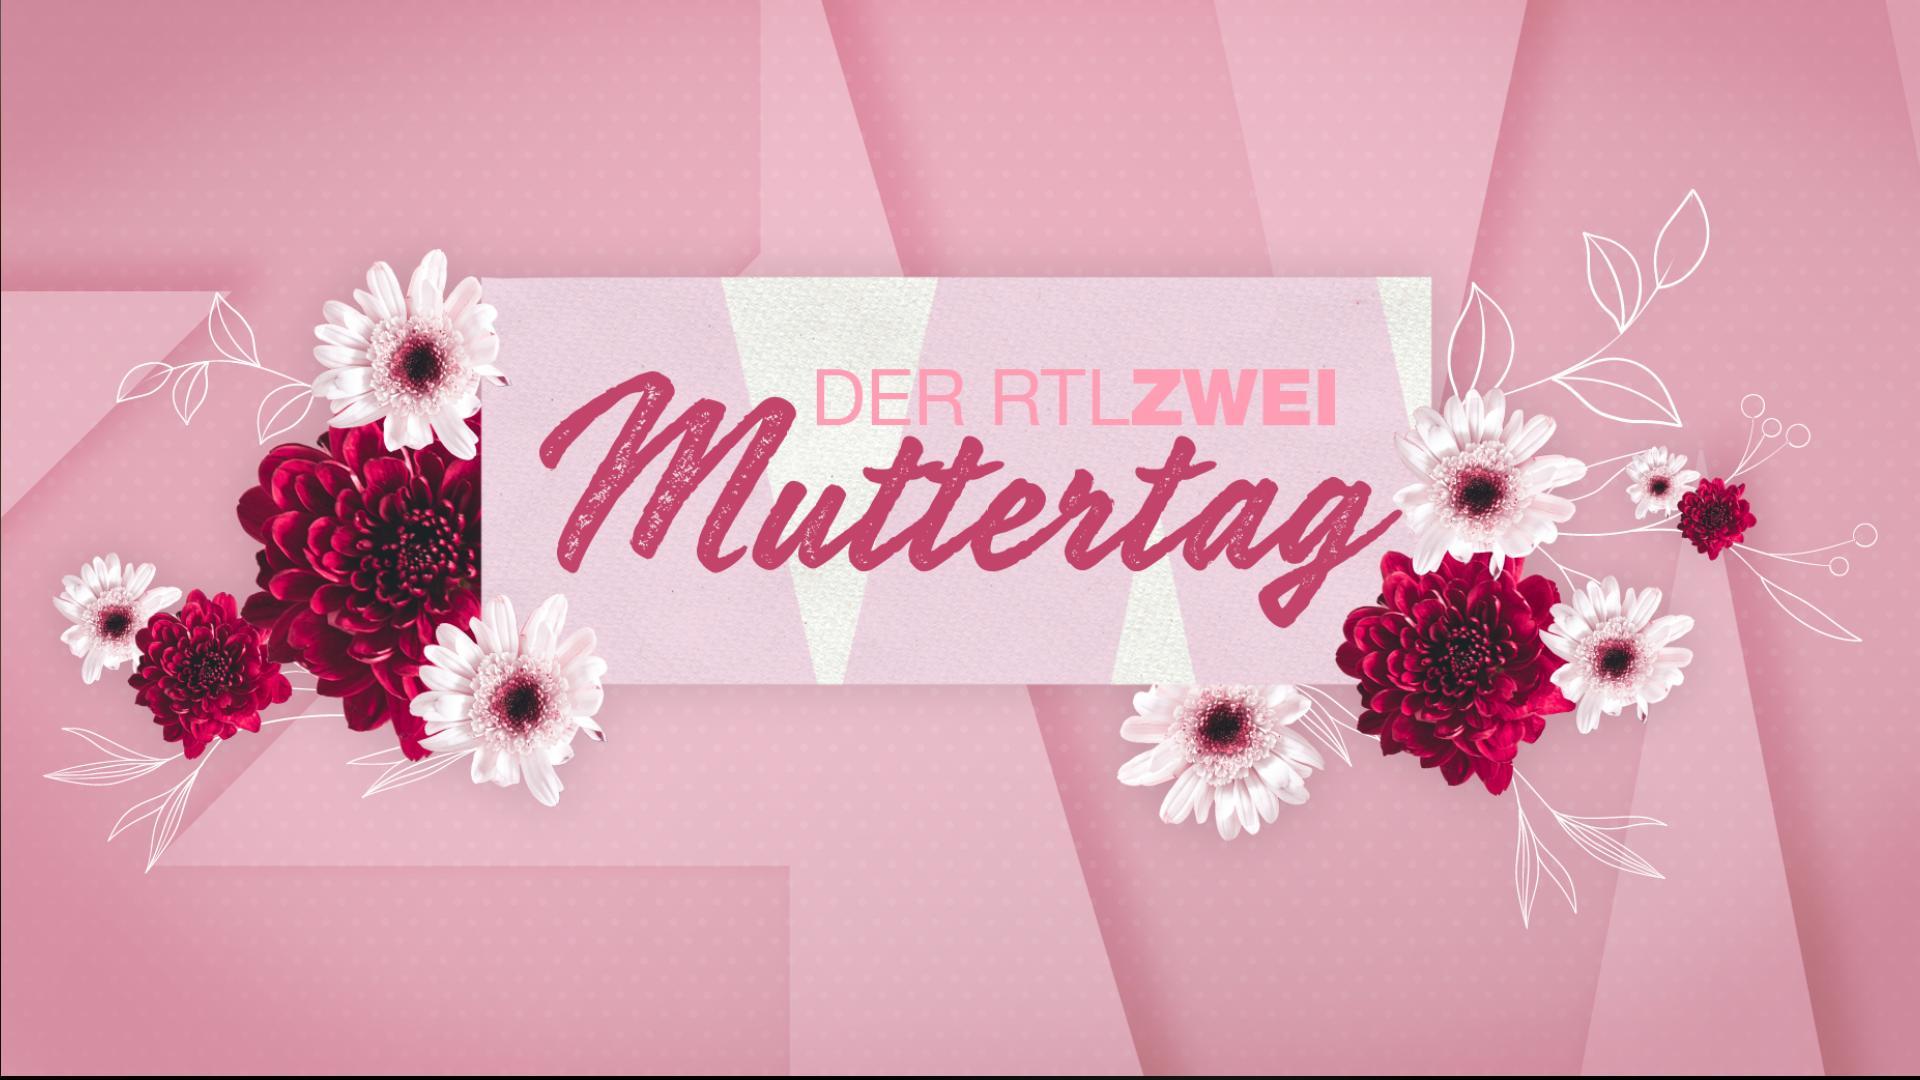 Der RTLZWEI Muttertag